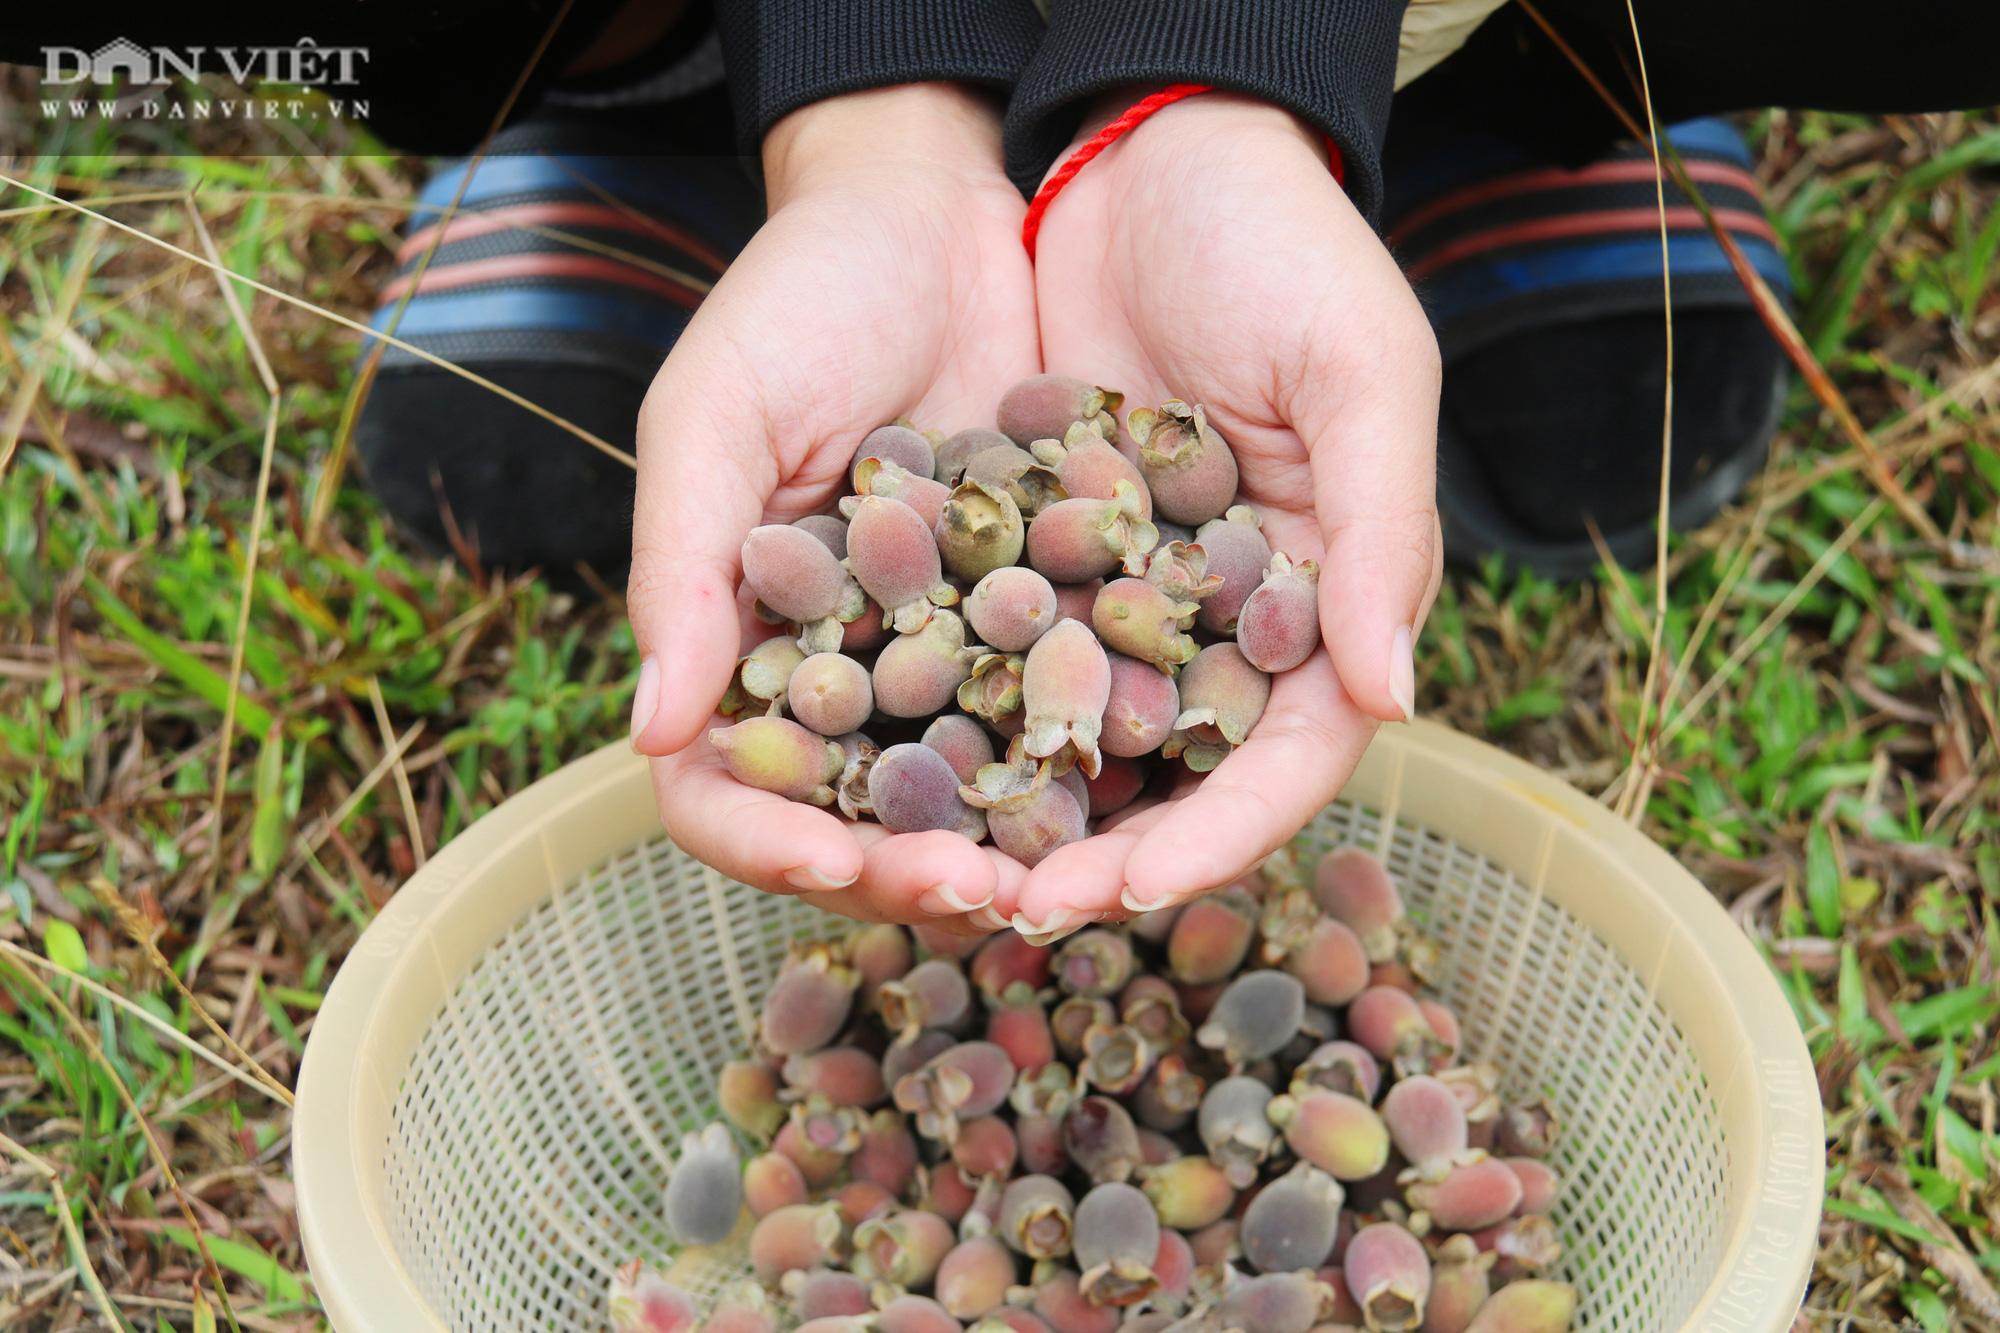 Hà Tĩnh: Người dân đổ xô lên đồi hái sim rừng, kiếm tiền triệu mỗi ngày - Ảnh 11.